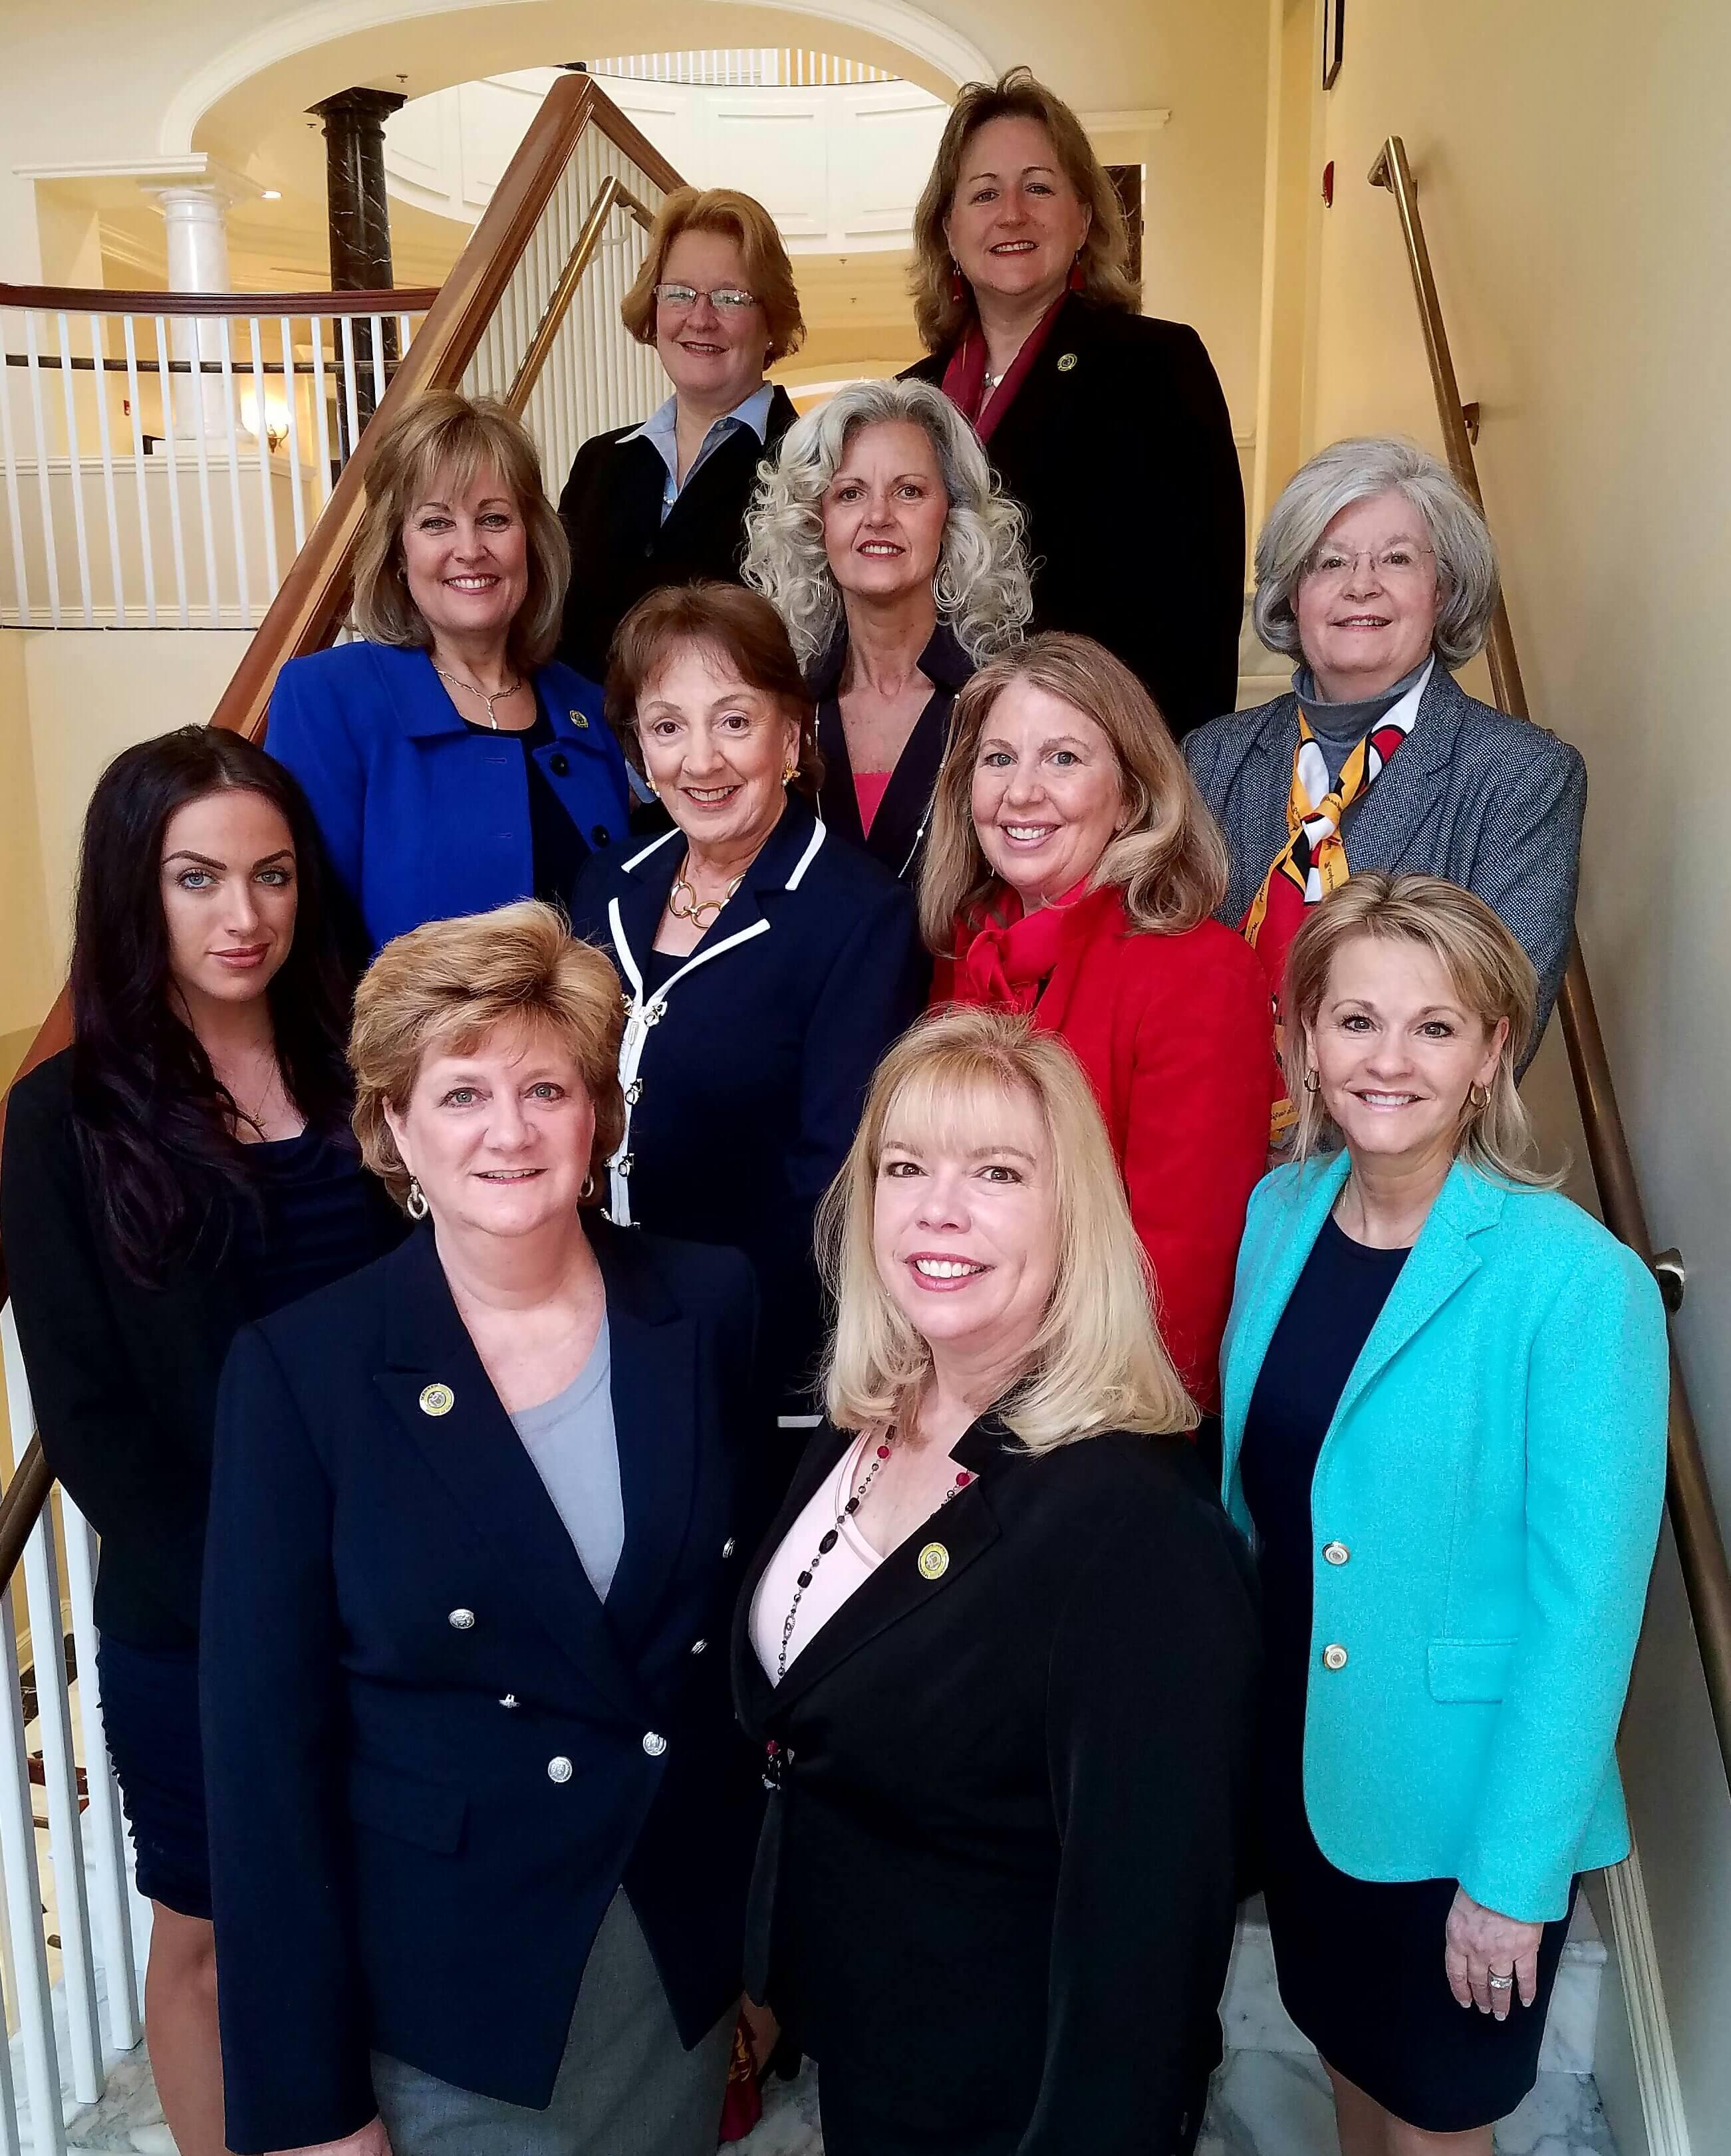 ladies_in_leadership2.jpg